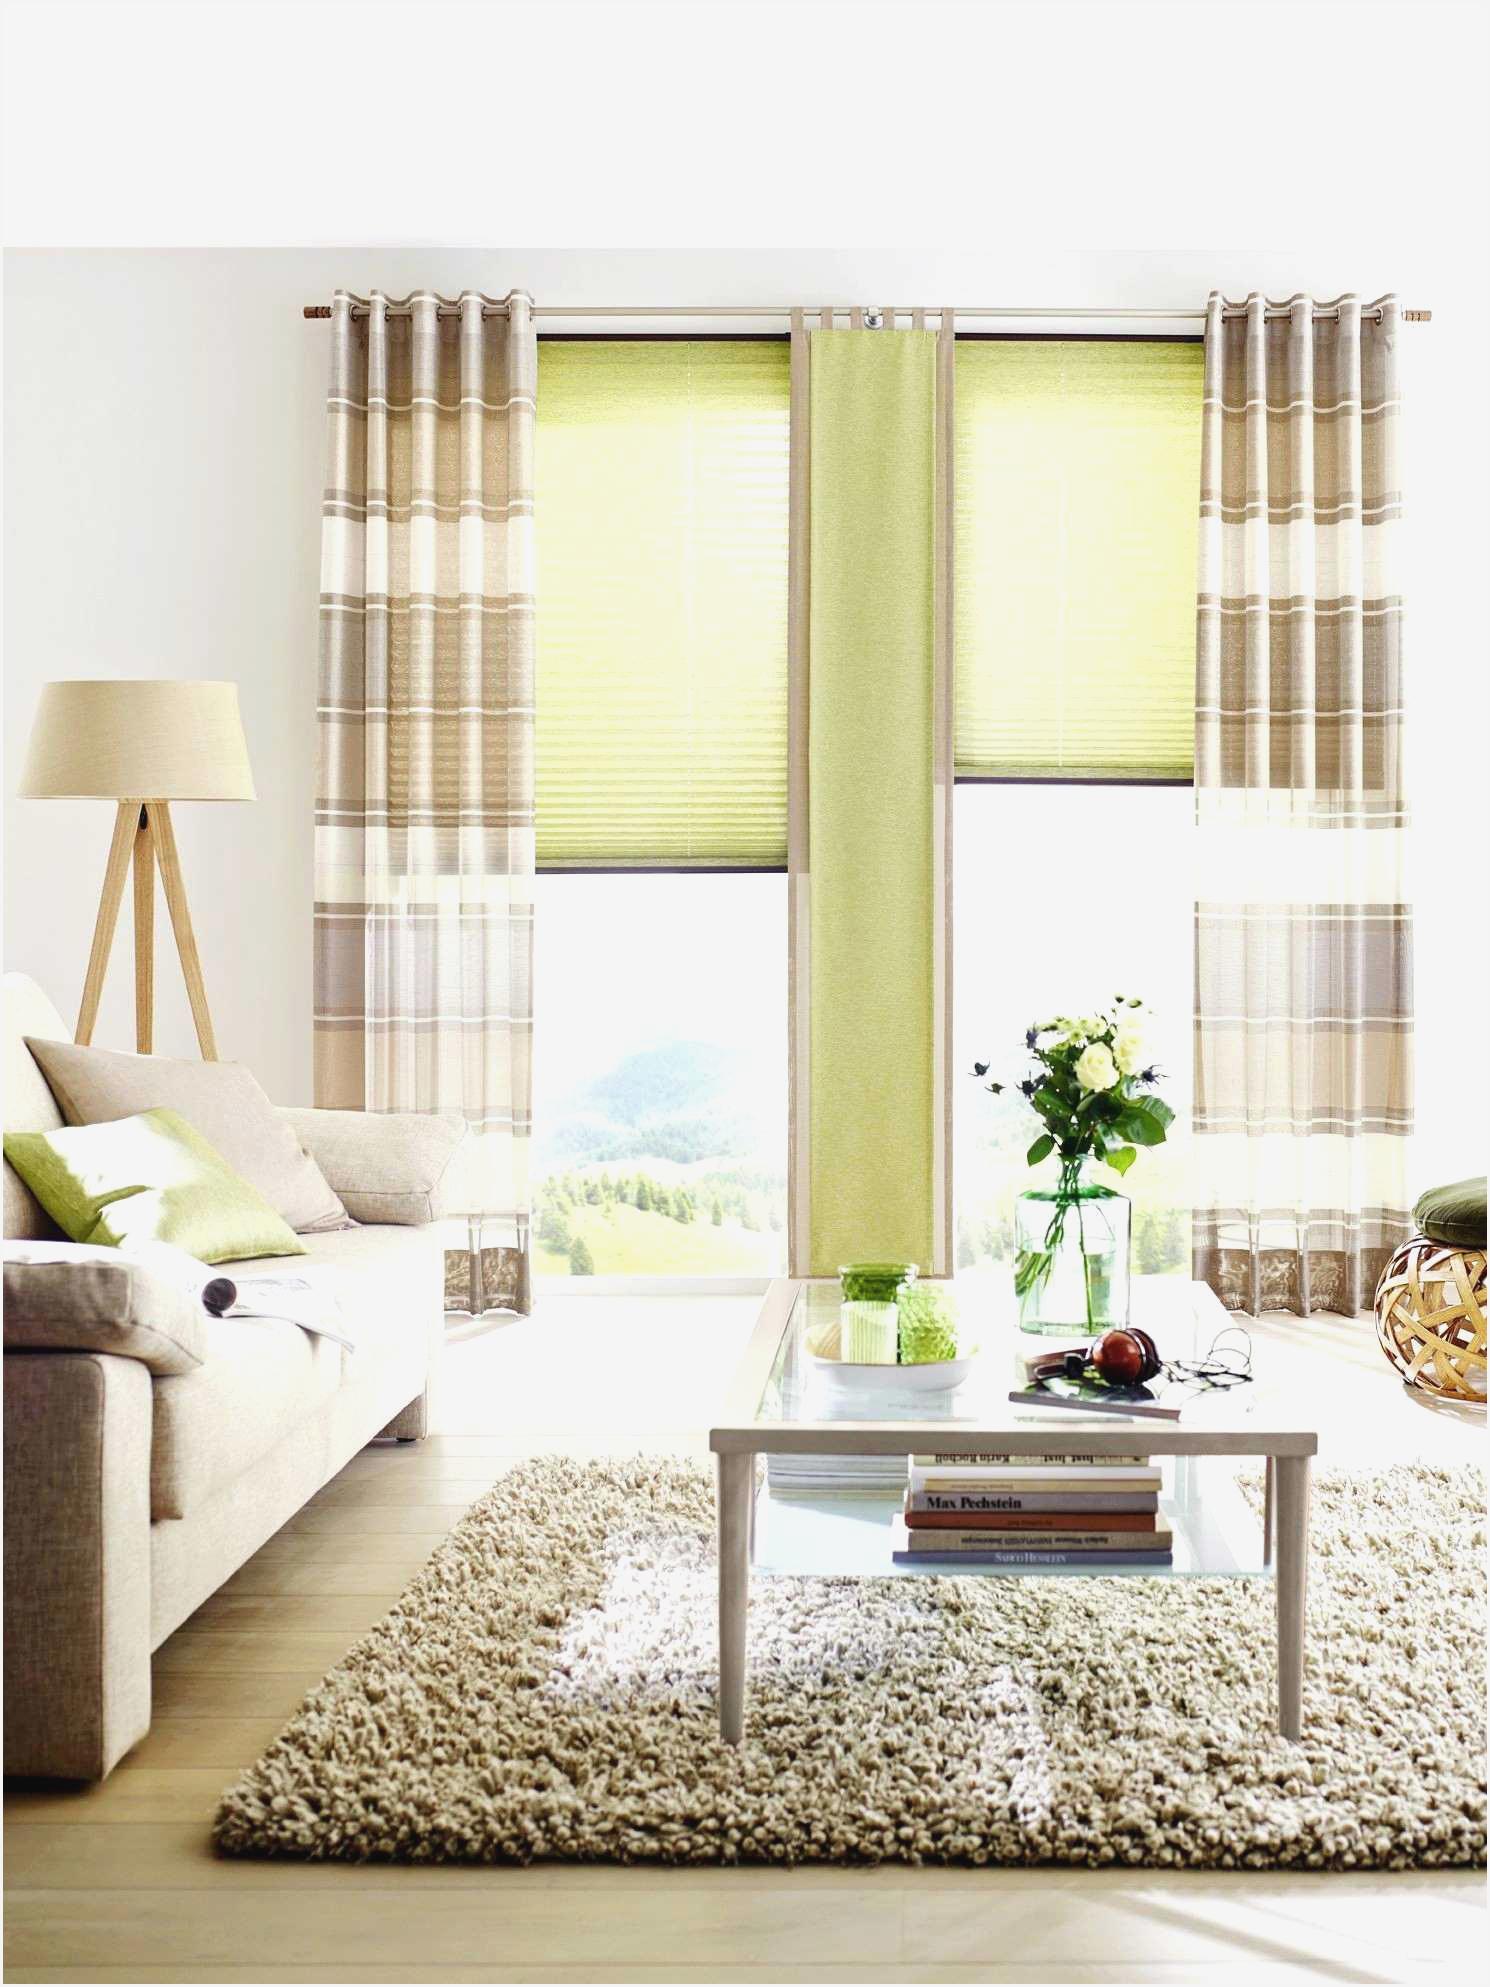 Full Size of Gardinen Nähen Für Küche Wohnzimmer Fenster Scheibengardinen Die Schlafzimmer Wohnzimmer Gardinen Nähen